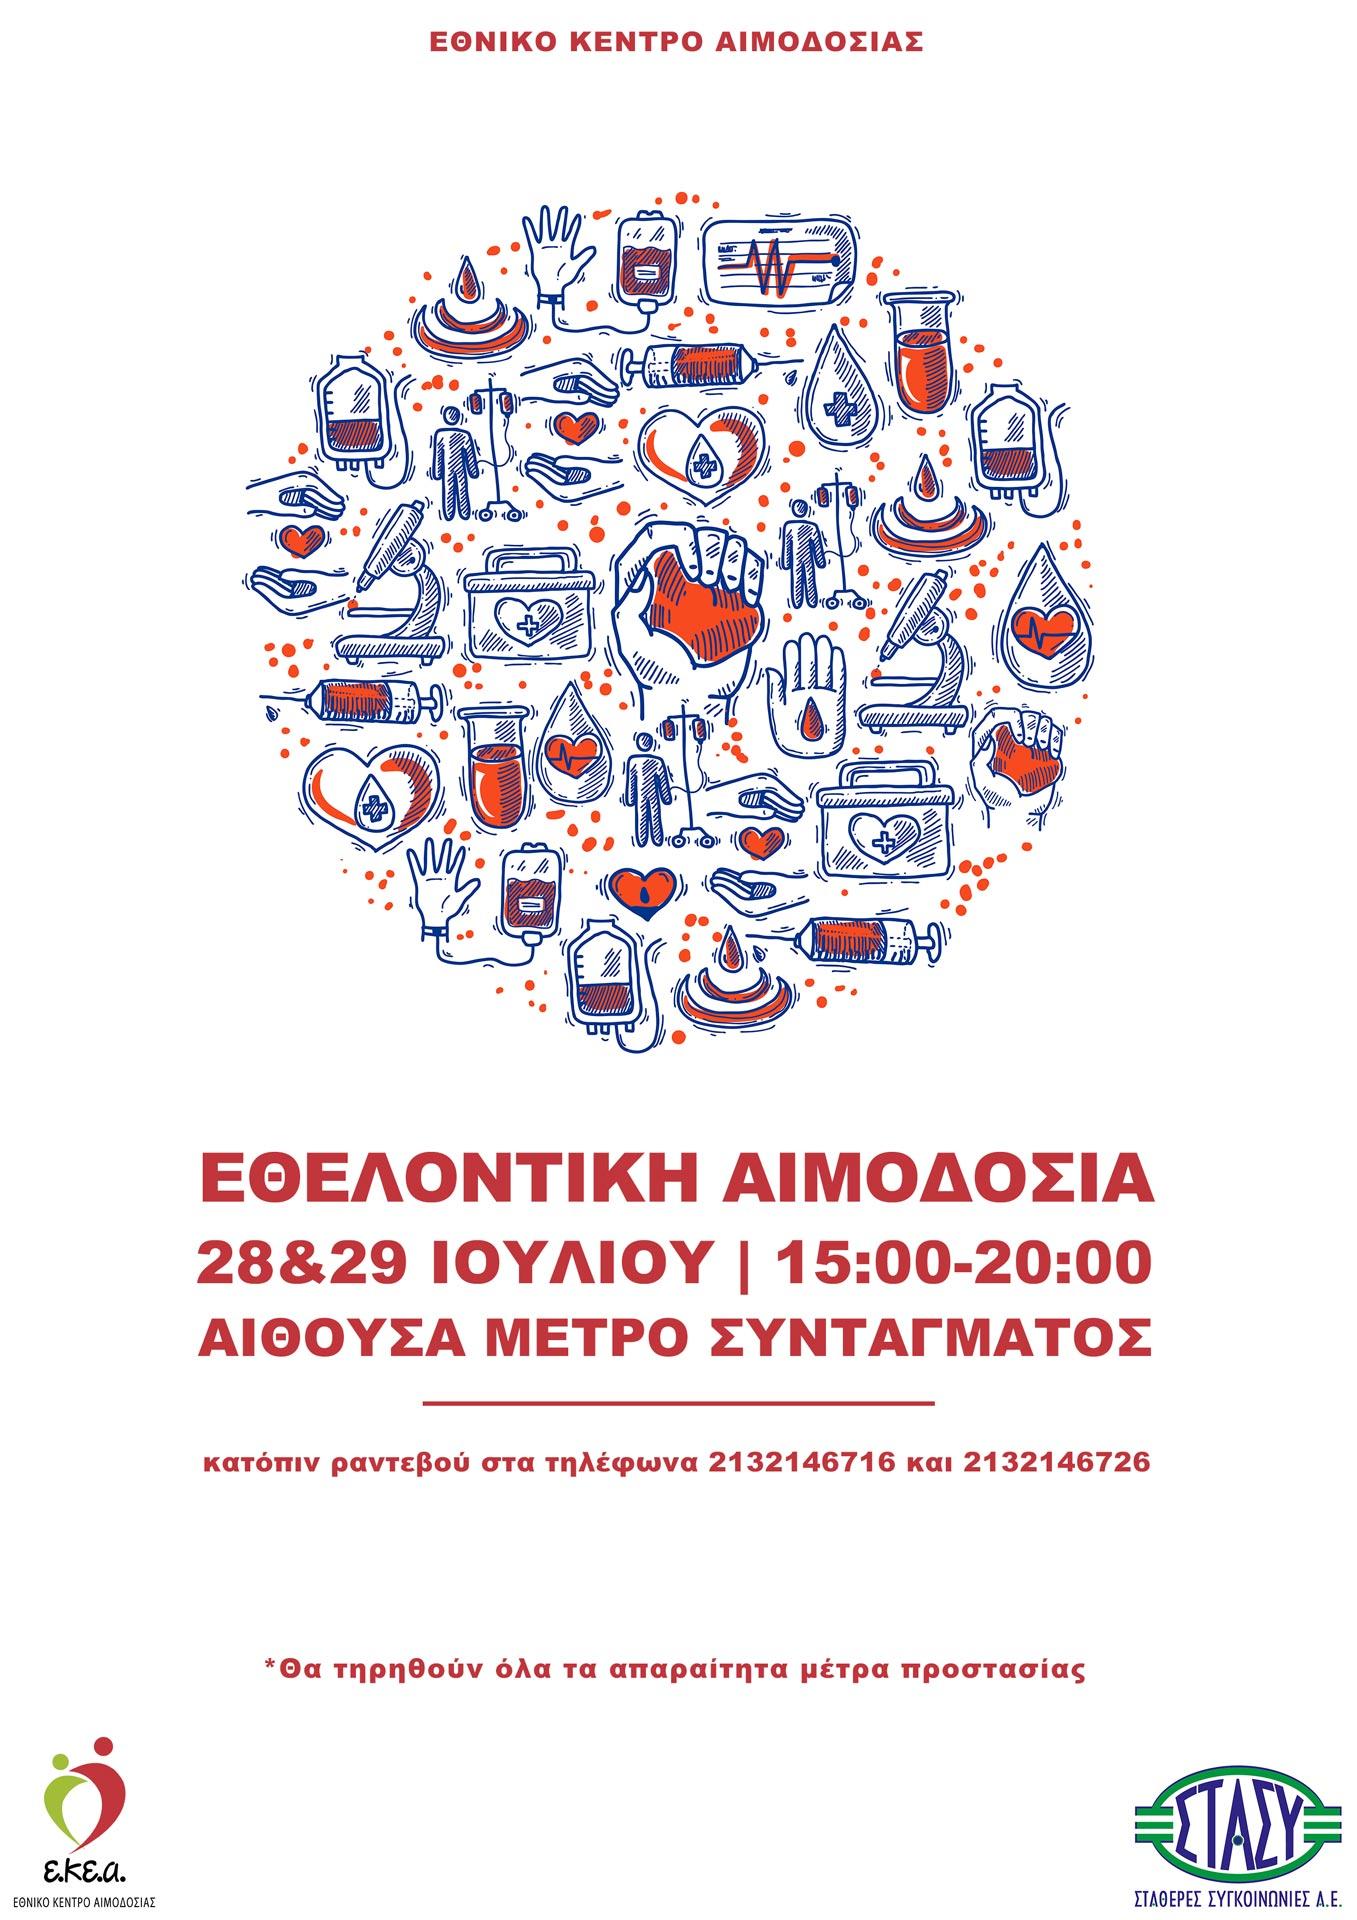 Διήμερη εθελοντική αιμοδοσία 28 και 29 Ιουλίου στο μετρό Συντάγματος